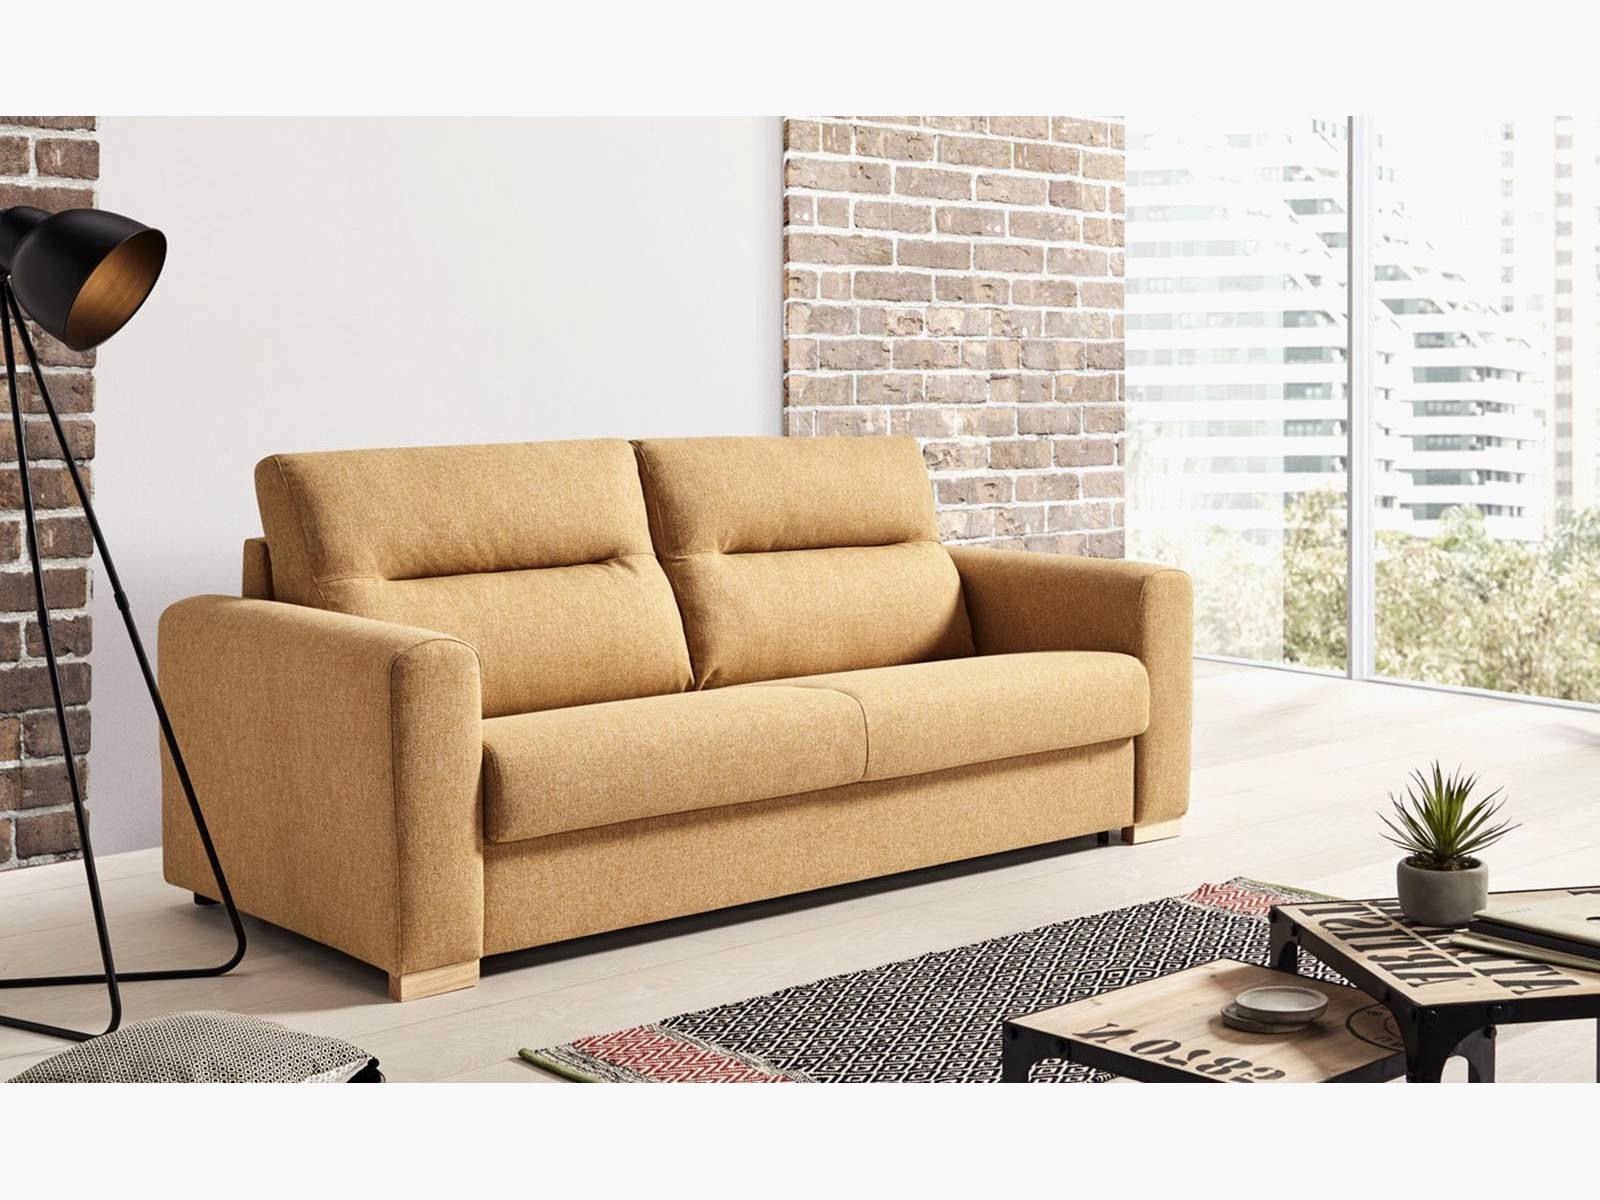 Sillon Cama 1 Plaza Merkamueble Etdg Merkamueble sofas Cama 60 Creaciones Sillon Cama 1 Plaza Merkamueble